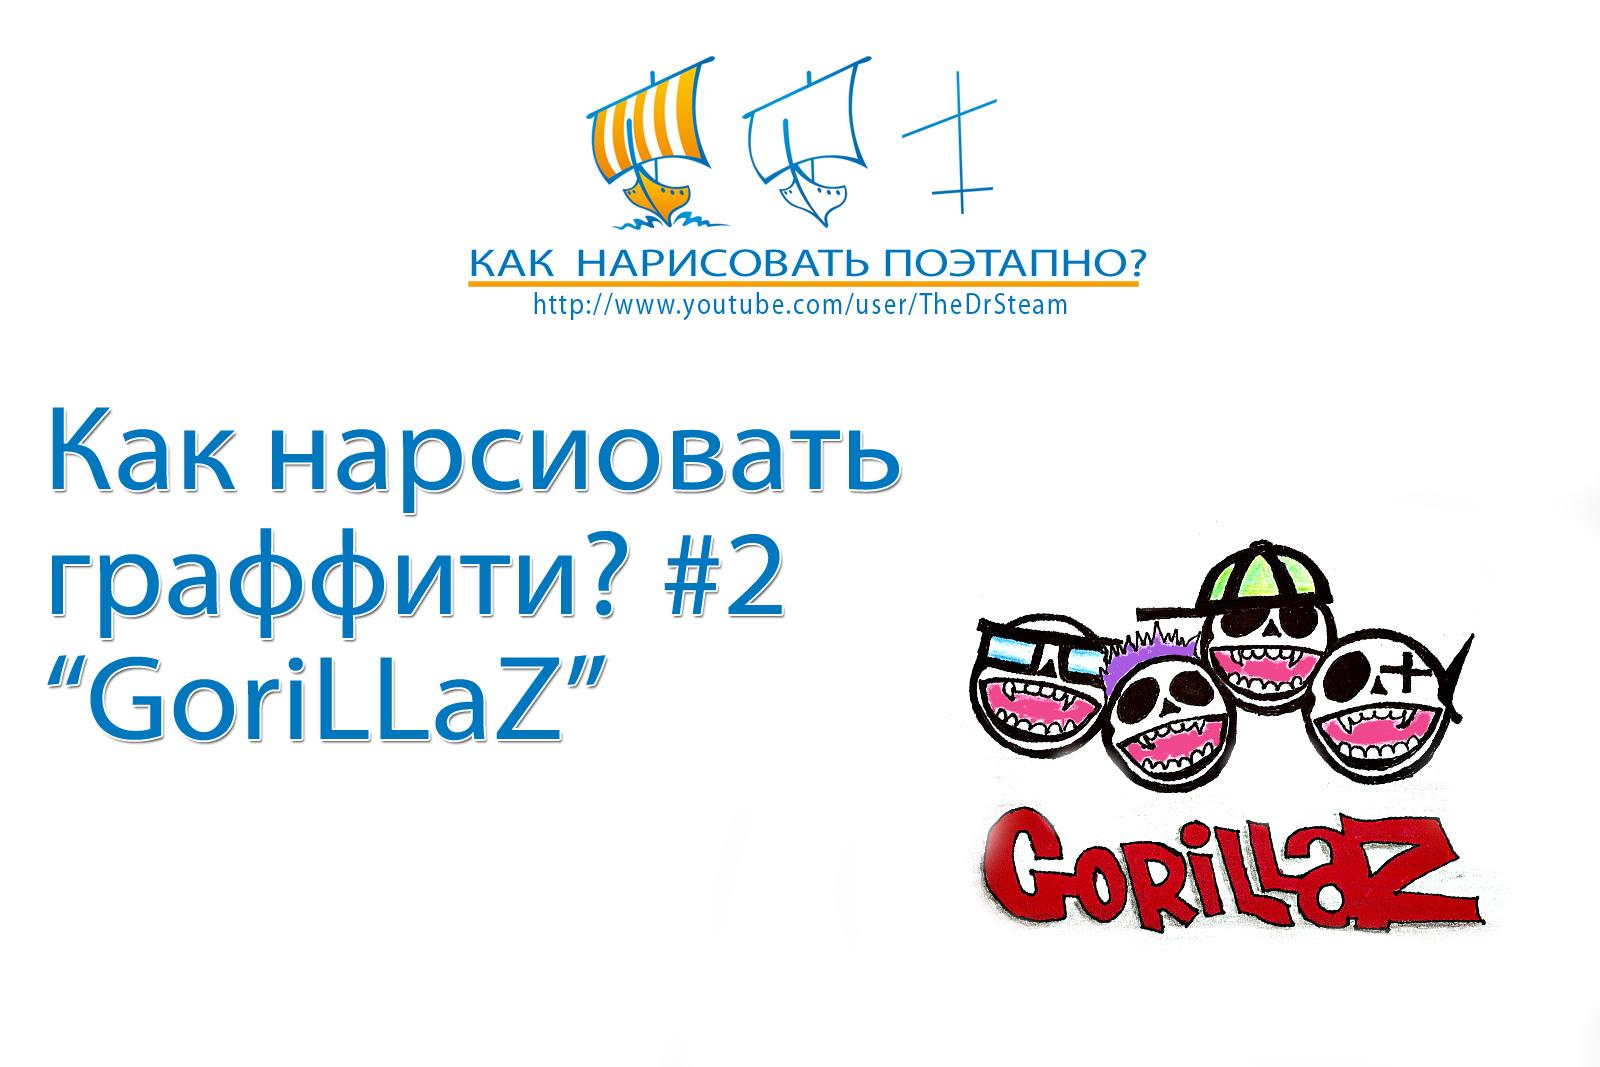 Видео: Как нарисовать граффити #2 GorillaZ